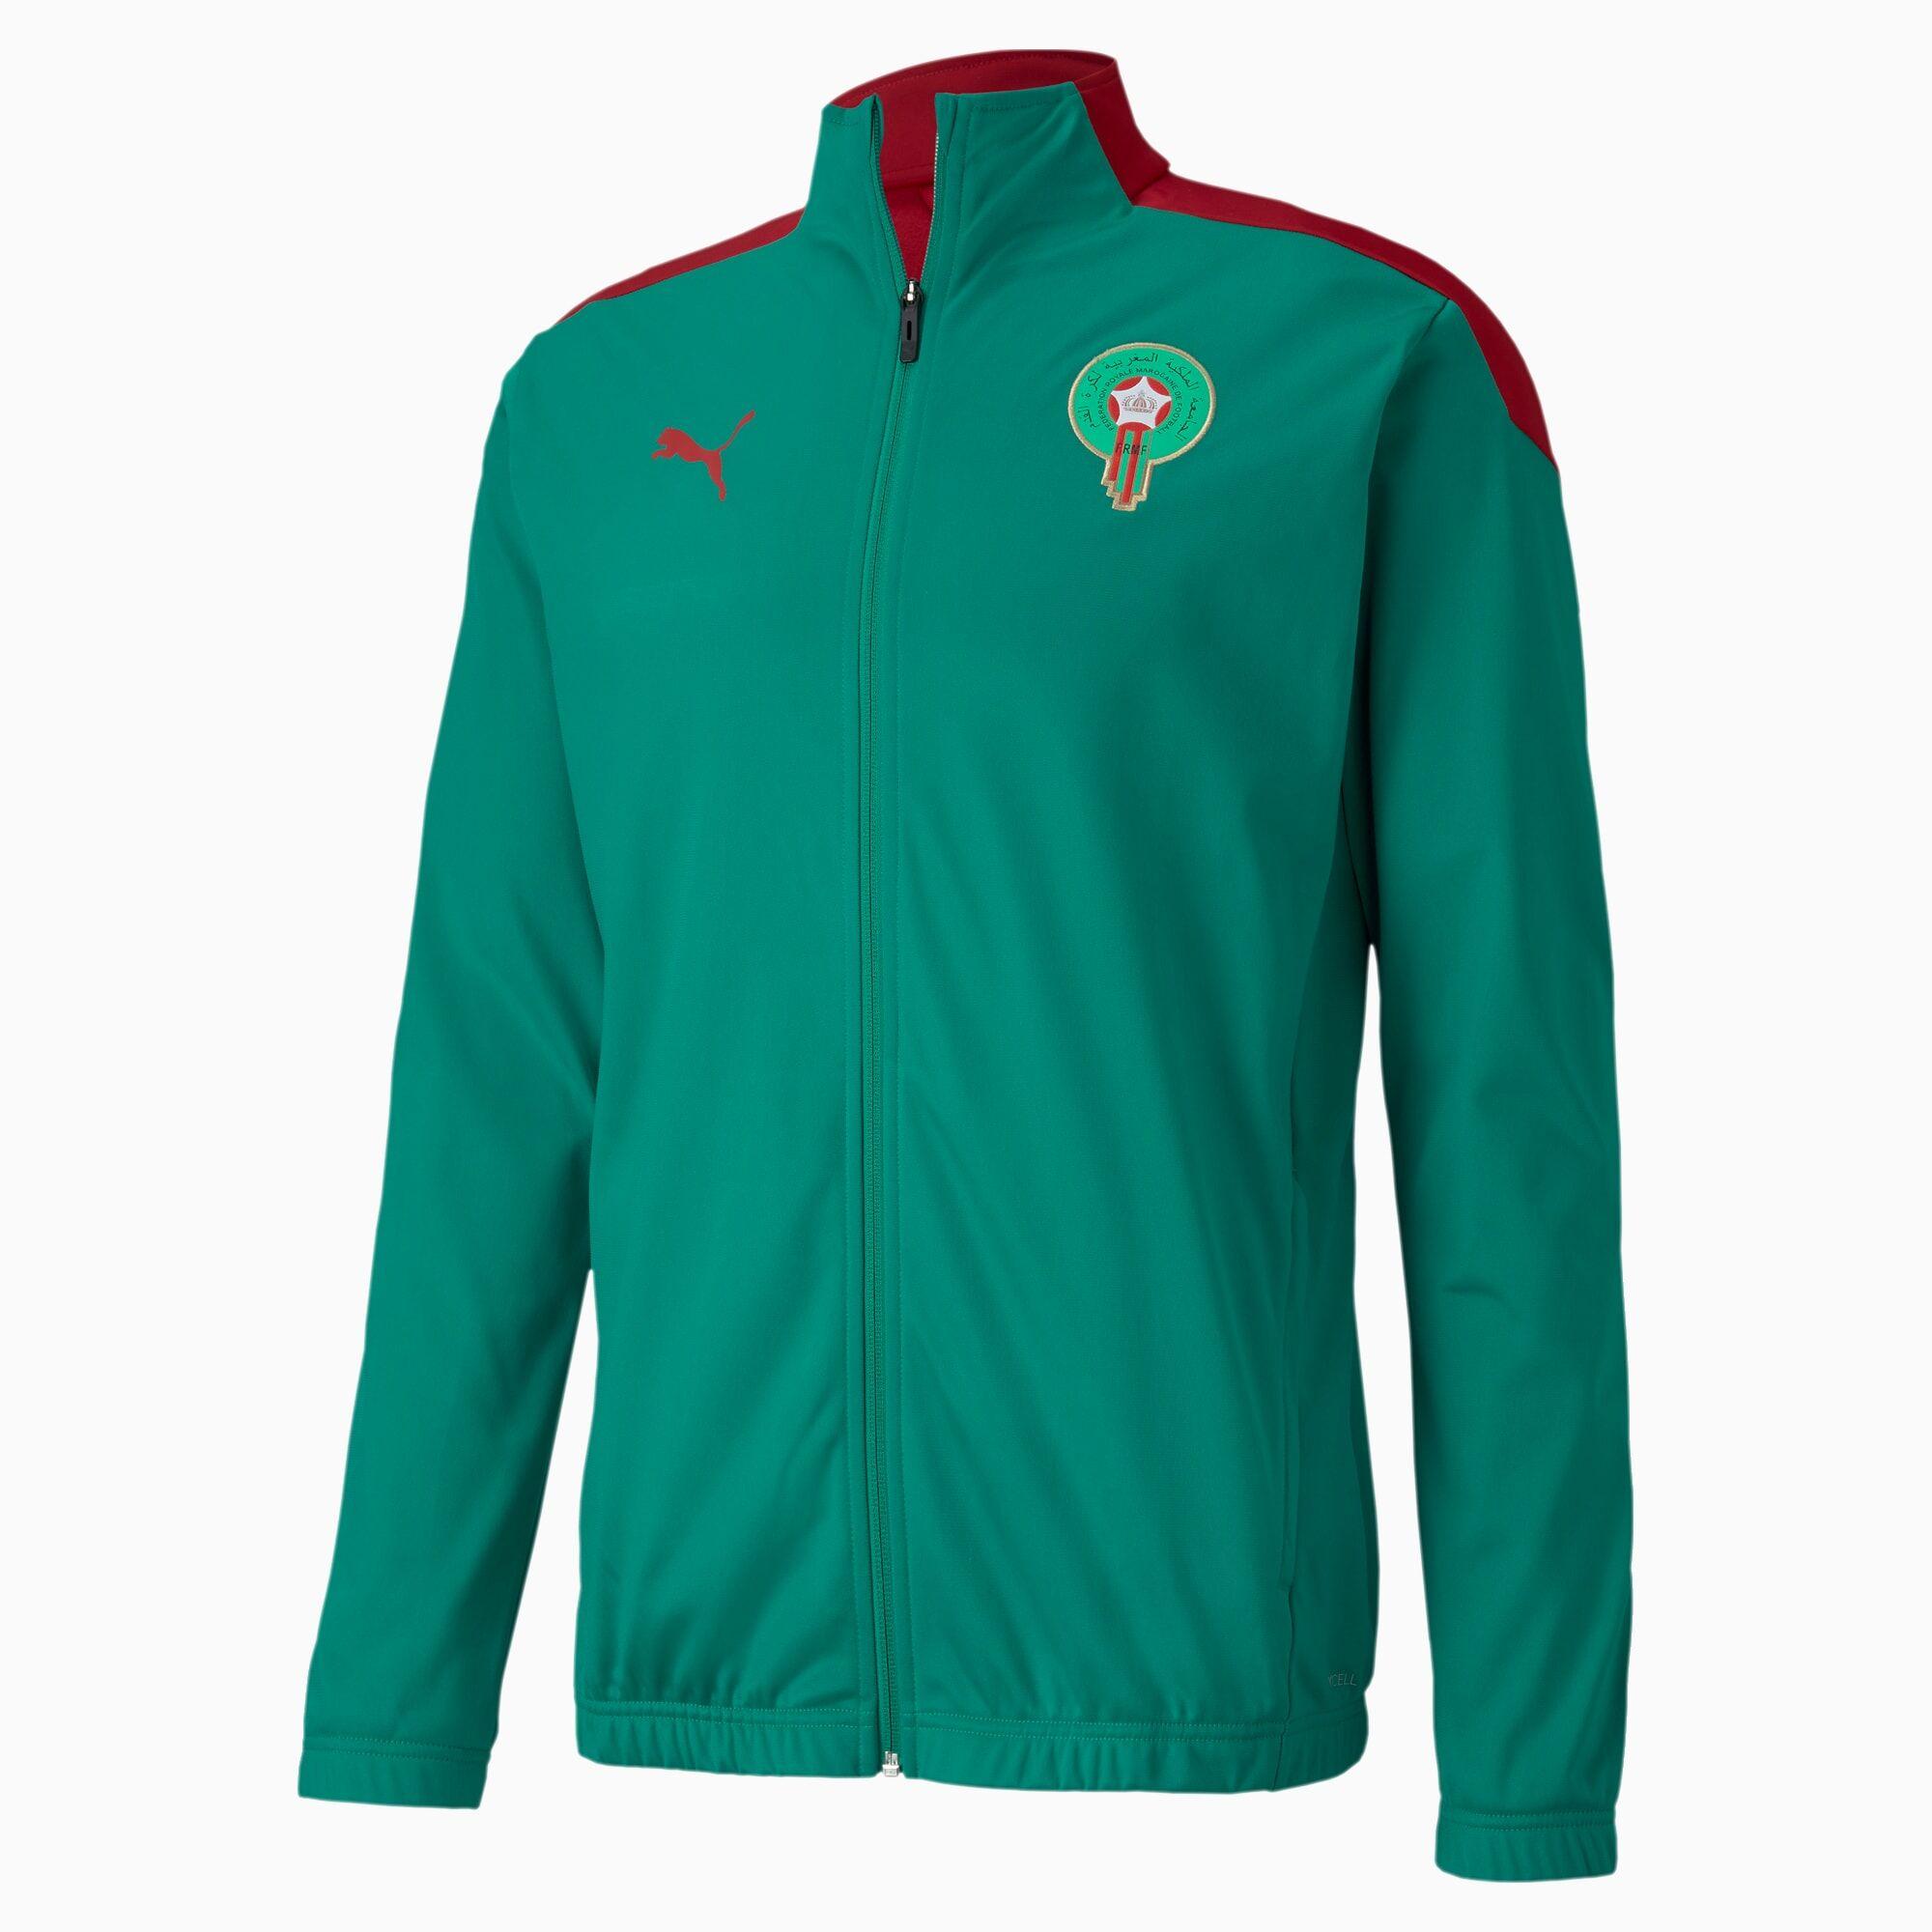 PUMA Blouson Maroc Stadium pour Homme, Vert/Rouge, Taille XXL, Vêtements